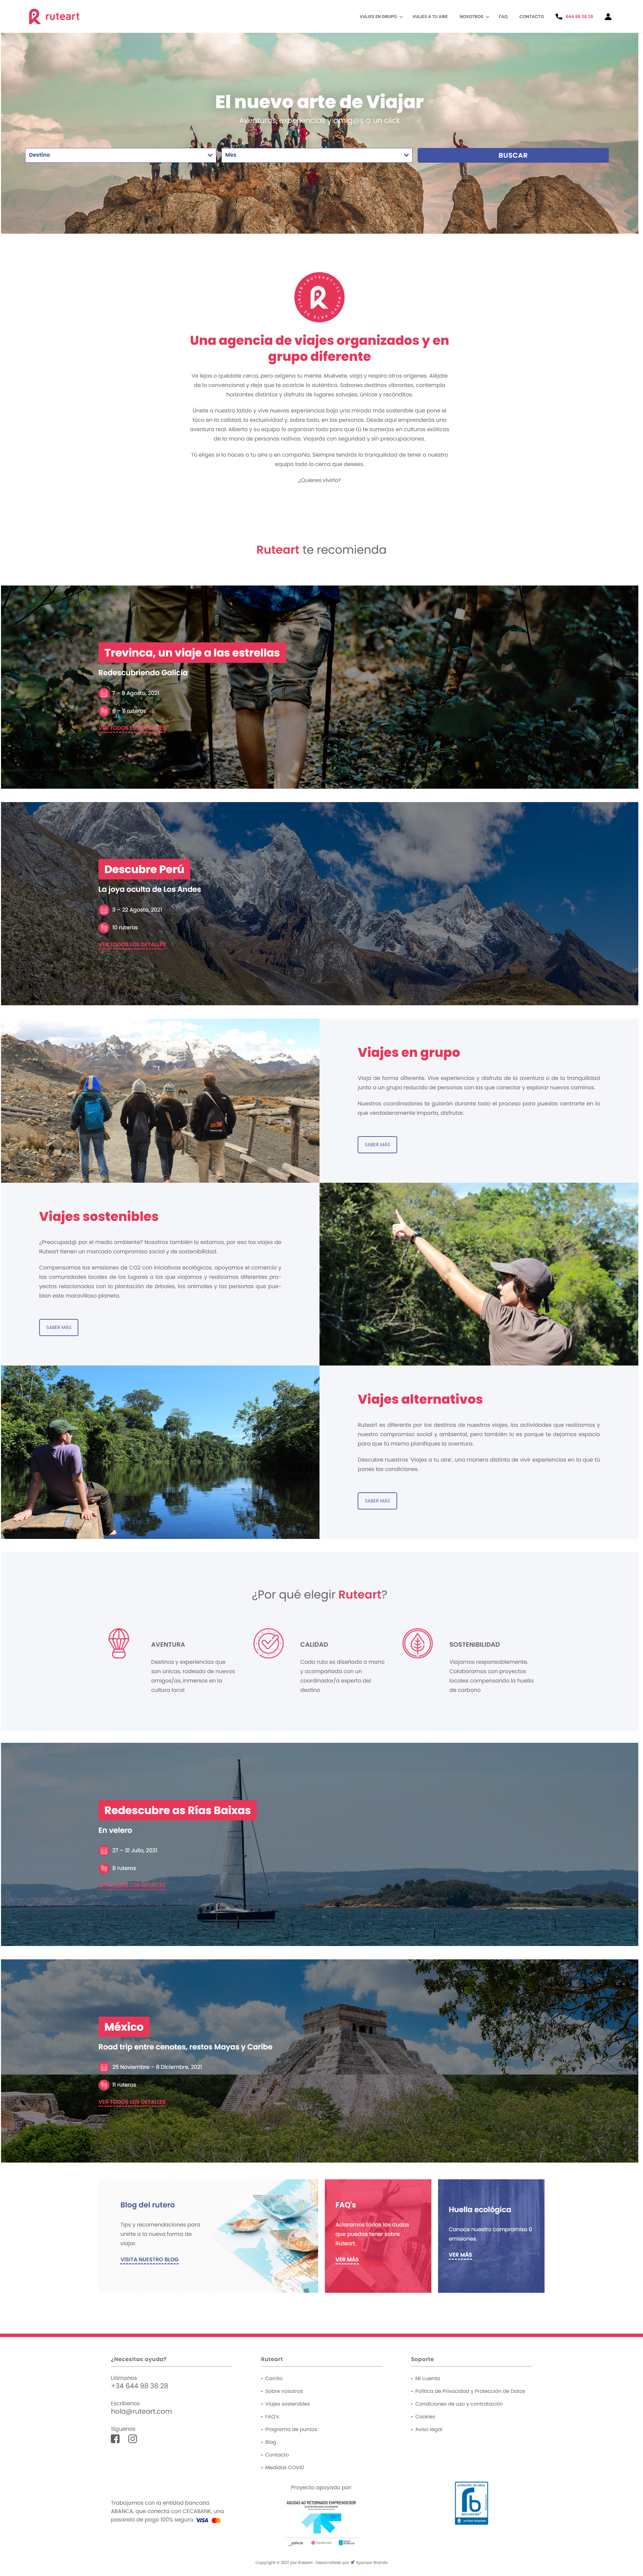 diseño de pagina web para agencia de viajes